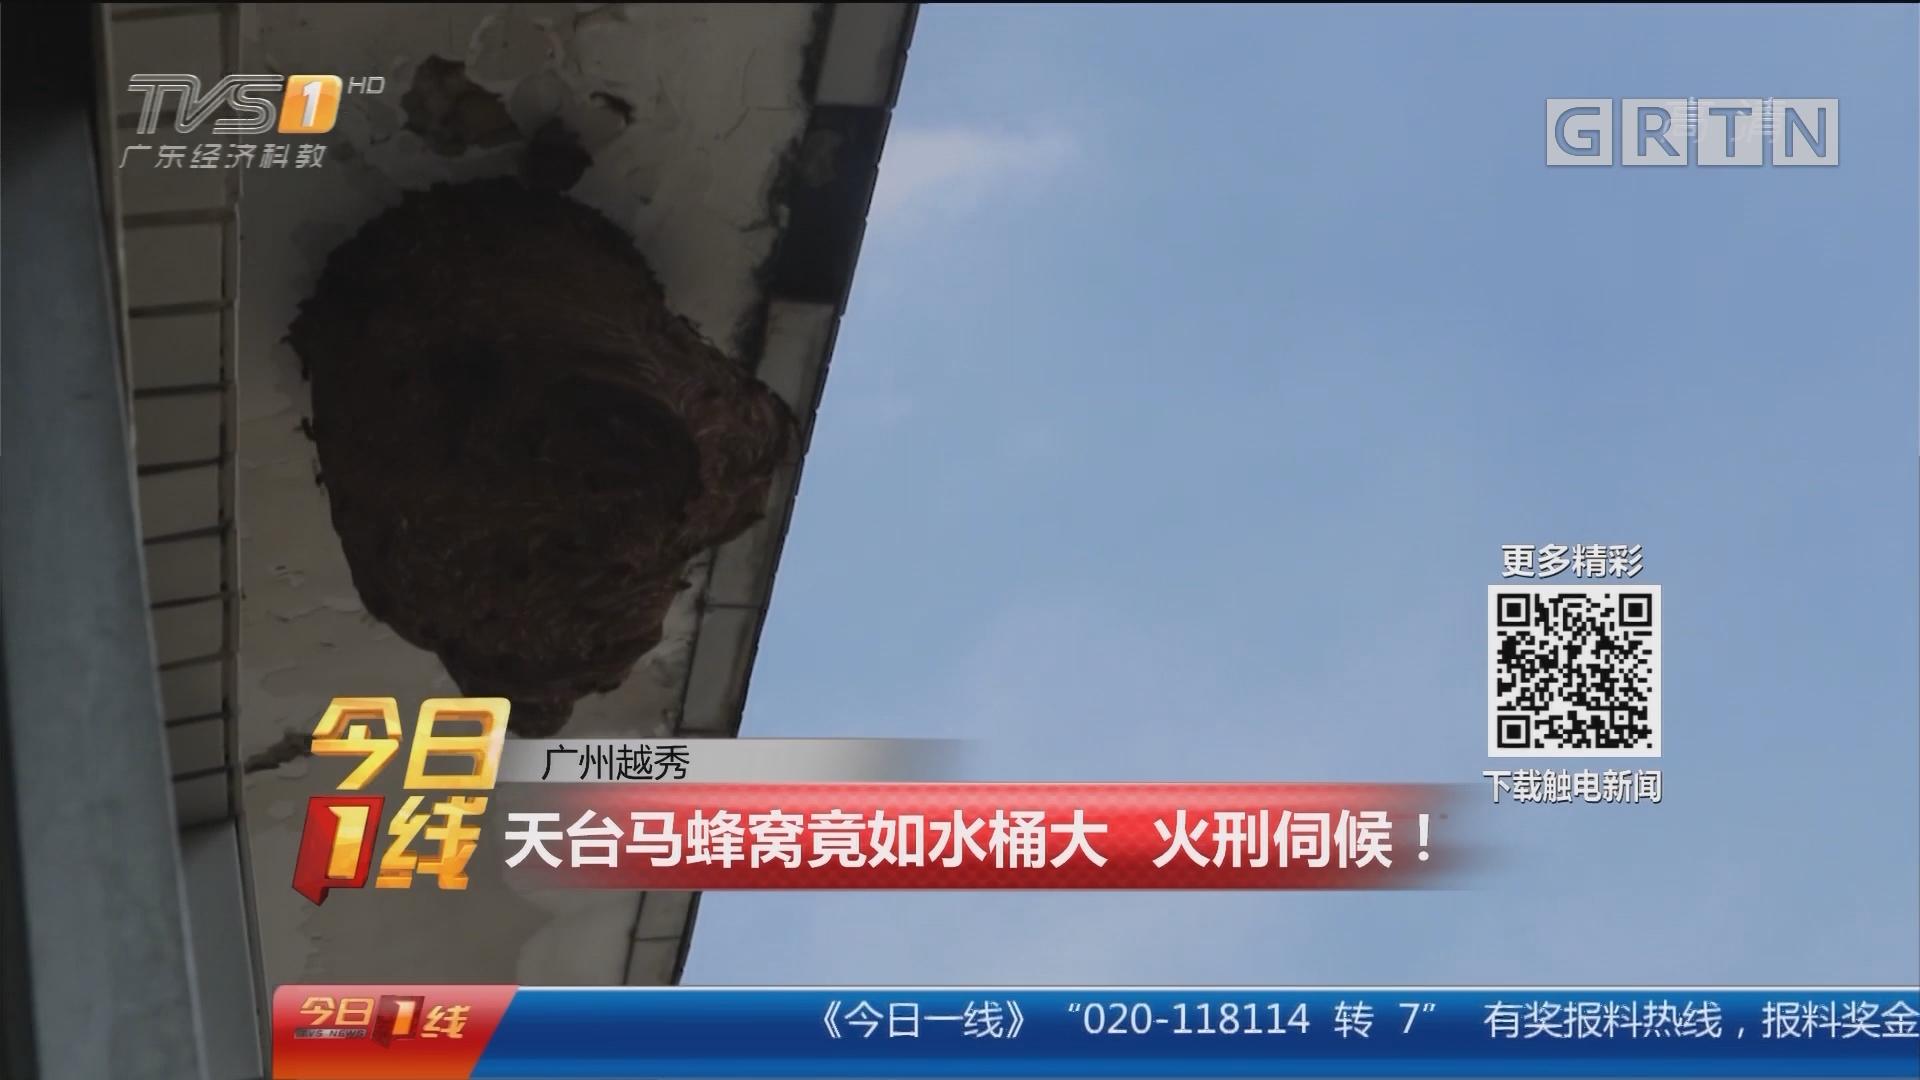 广州越秀:天台马蜂窝竟如水桶大 火刑伺候!